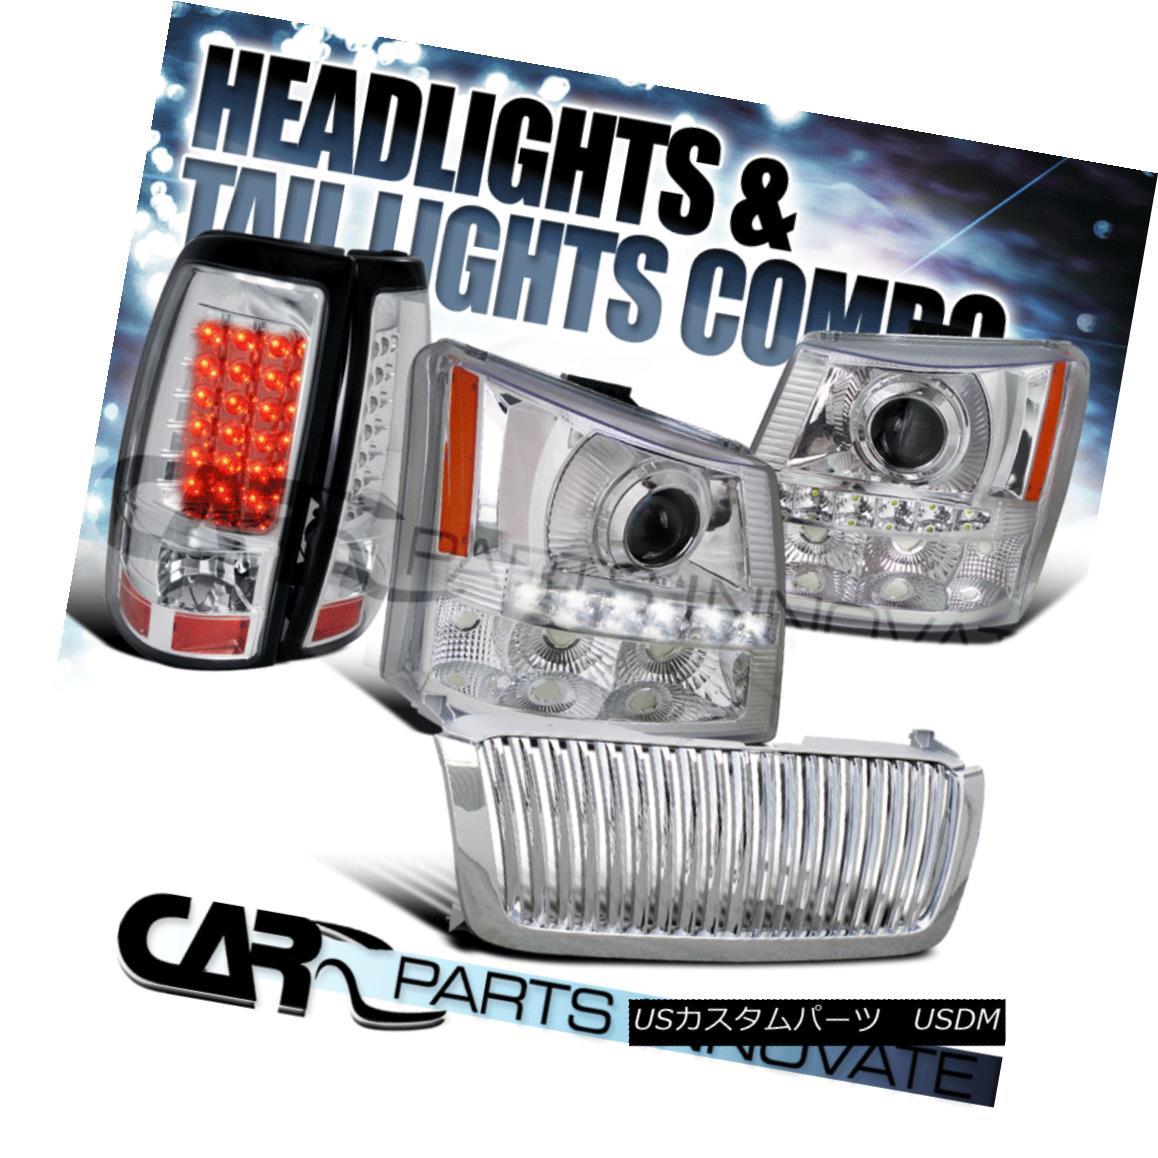 グリル 03-05 Silverado 2in1 Chrome Projector Head Bumper Light+SMD LED+Grille+Tail Lamp 03-05 Silverado 2in1 Chromeプロジェクターヘッドバンパーライト+ SMD LED +グリル+タイ lランプ